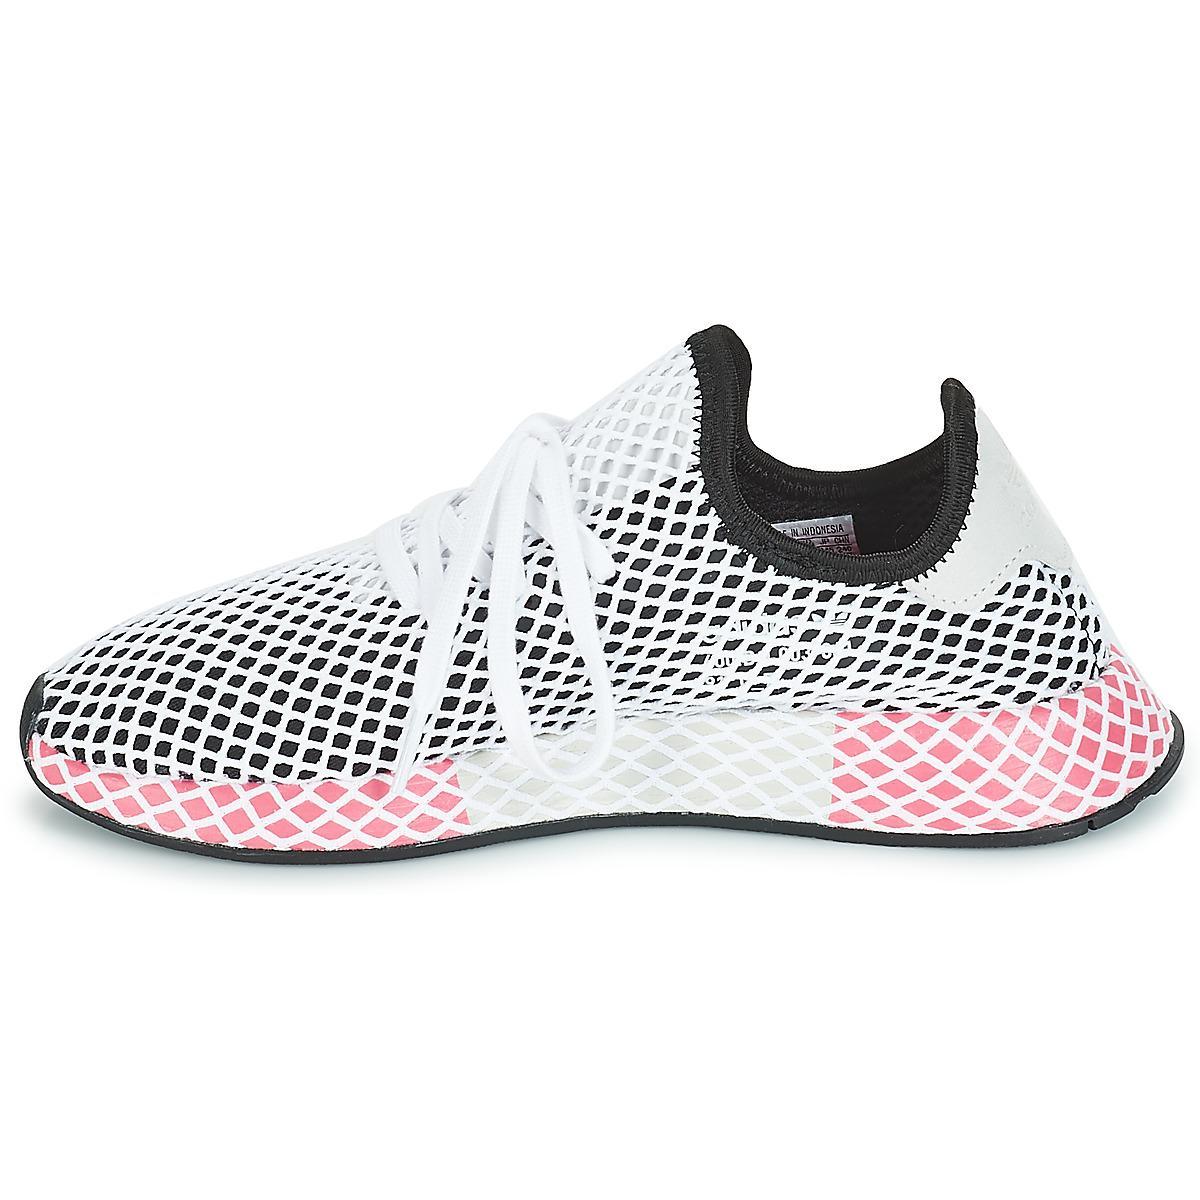 adidas Neoprene Deerupt Runner Originals Running Shoe in Black